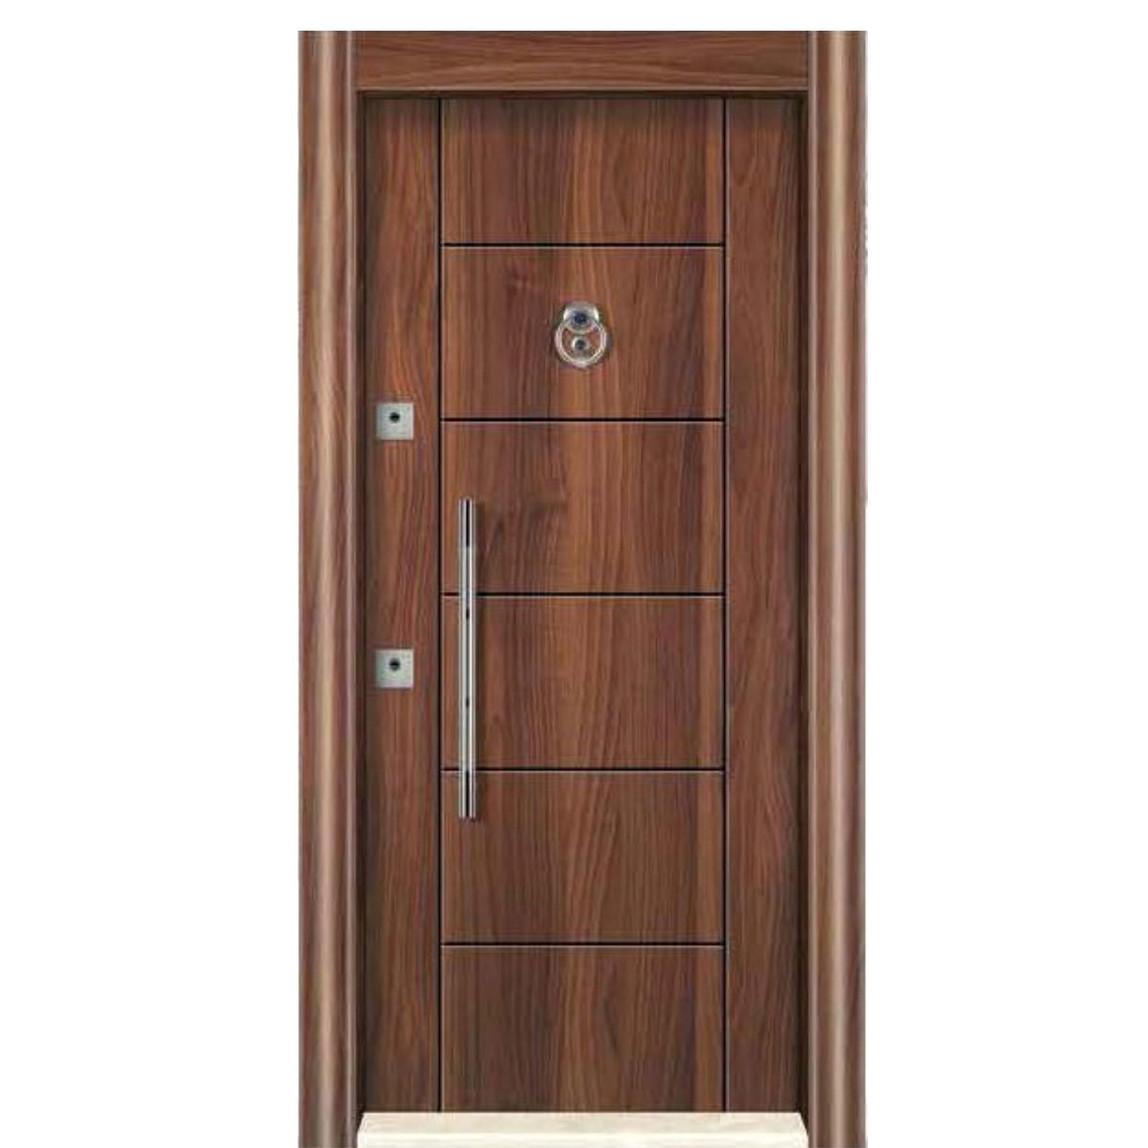 Ky 465 Çelikk Kapı Sol 14-22 cm Kasa